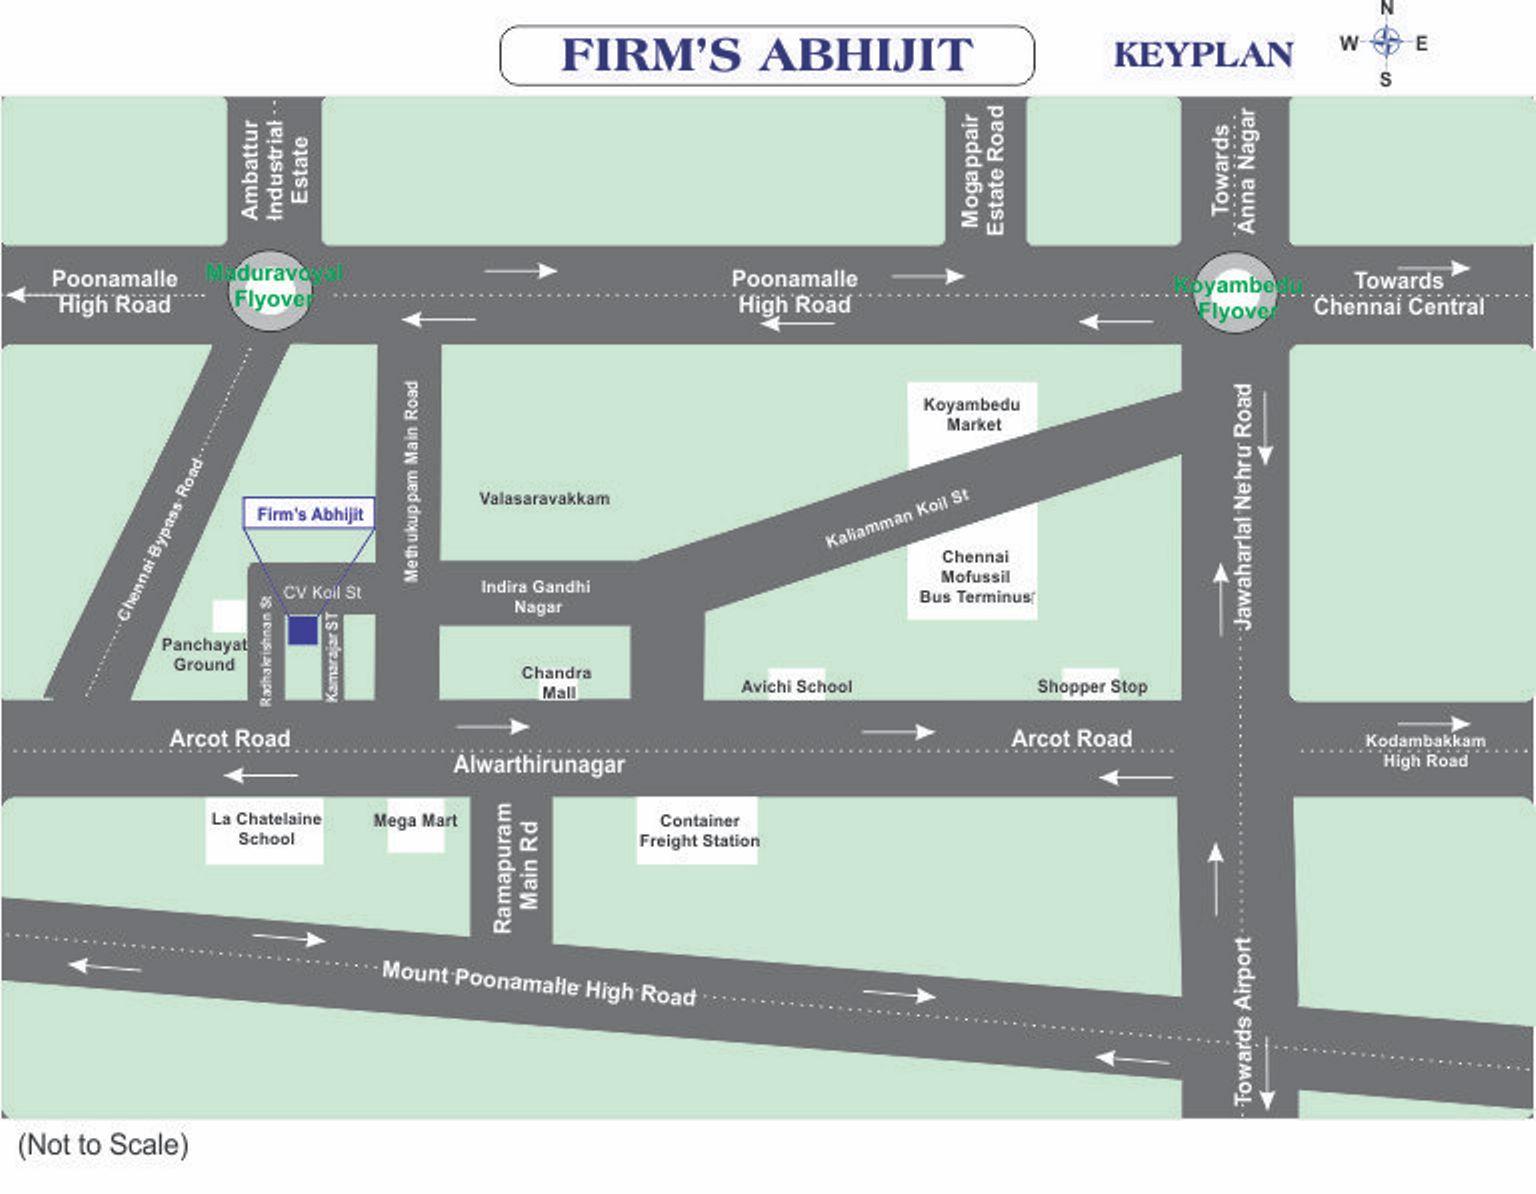 https://www.firmfoundations.in/projects/location/thumbnails/13712293279Key_Plan.jpg